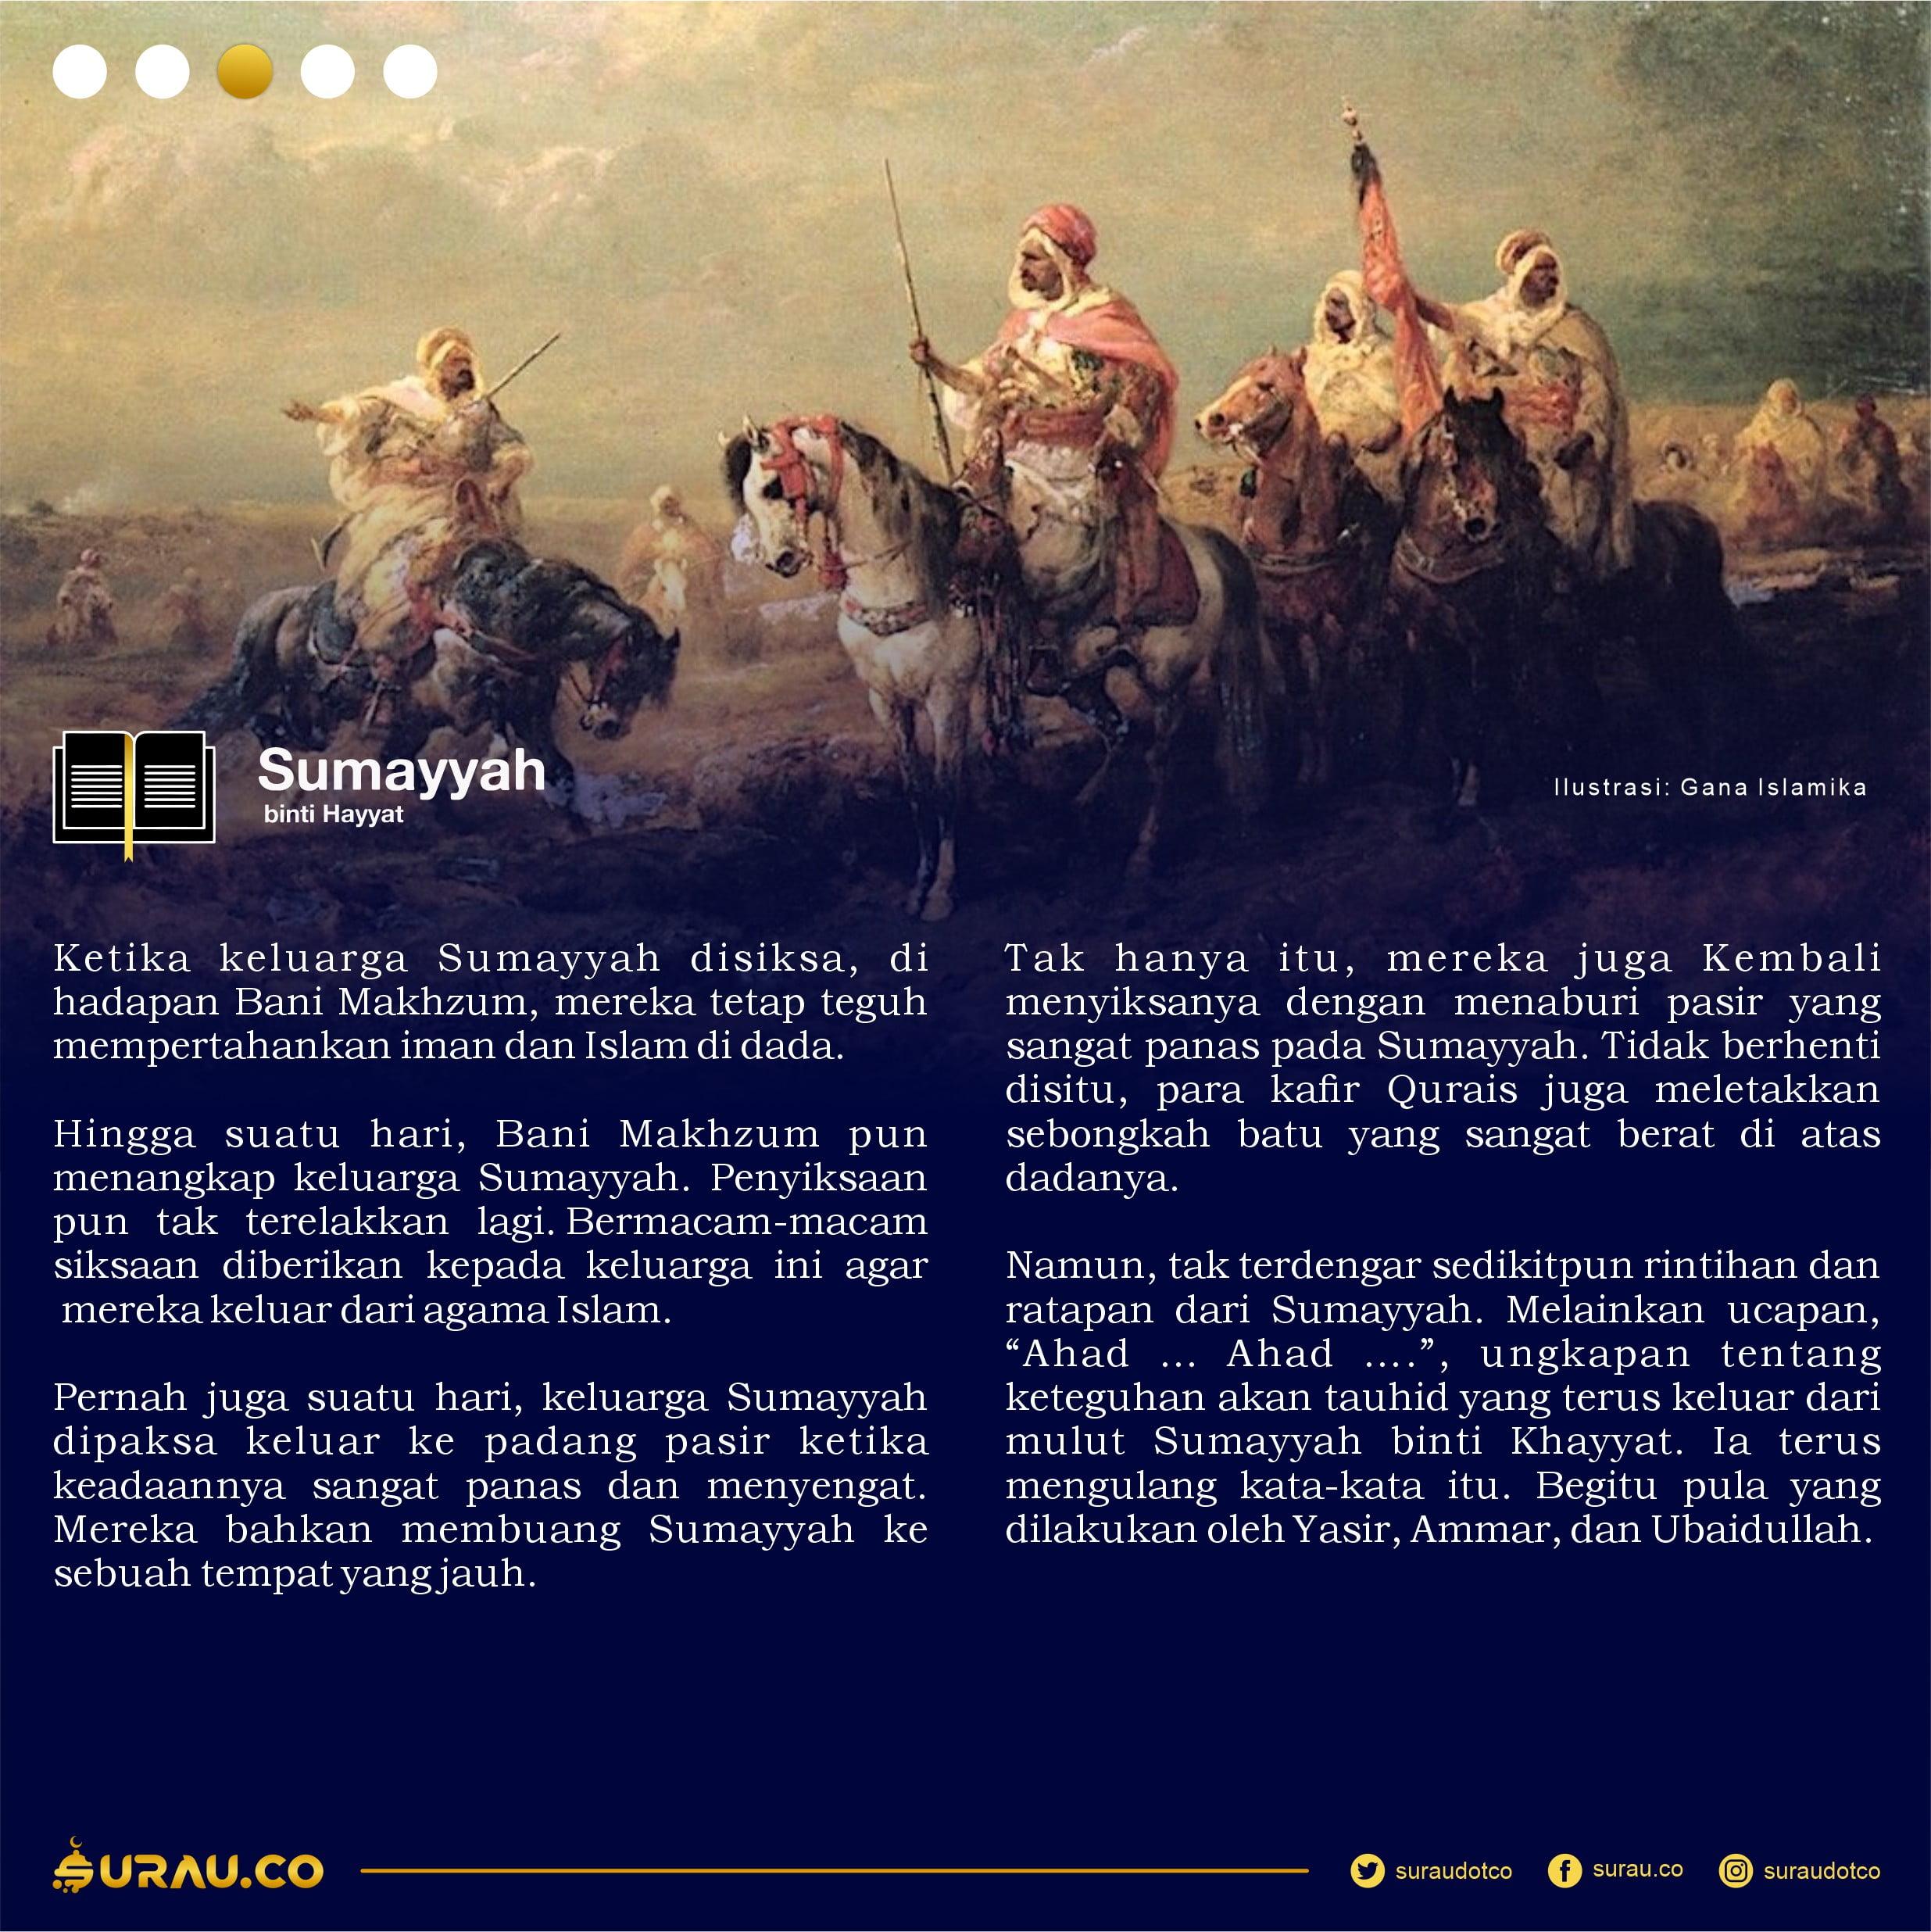 Kisah Sumayyah slide 3